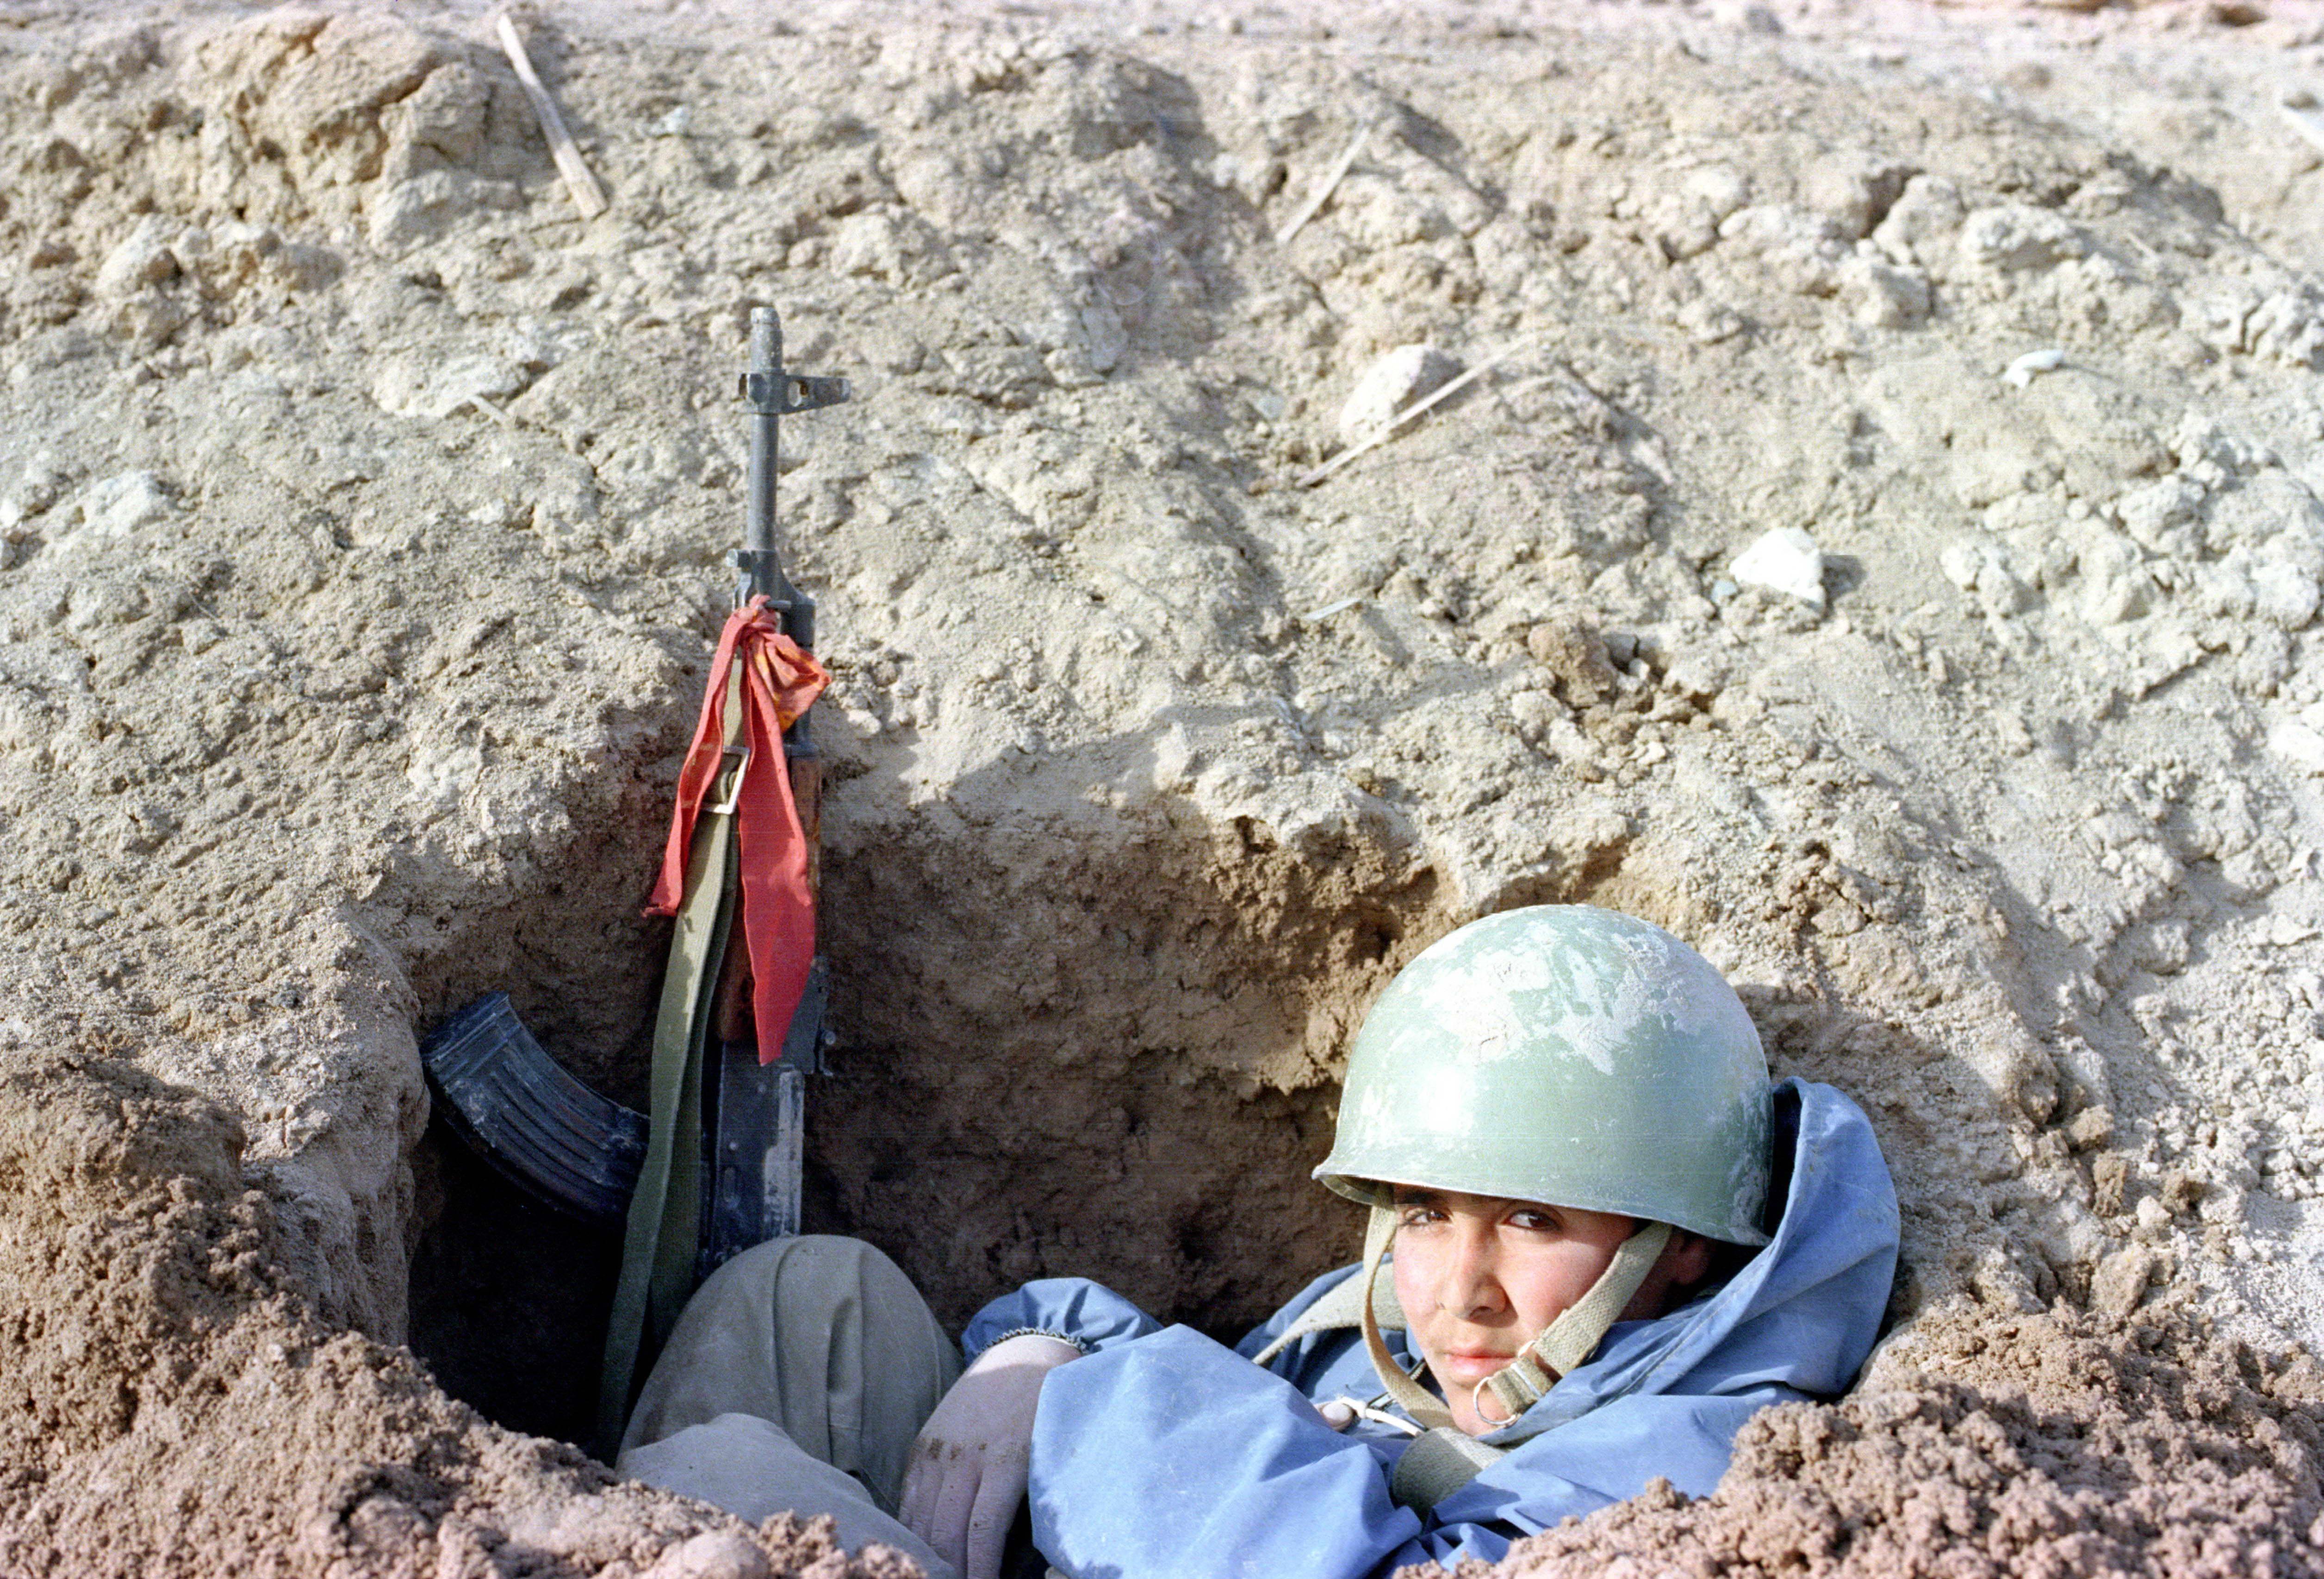 نقاط ضعف و قوت ایران و عراق در جنگ تحمیلی از نگاه وزیر دفاع سابق مصر !